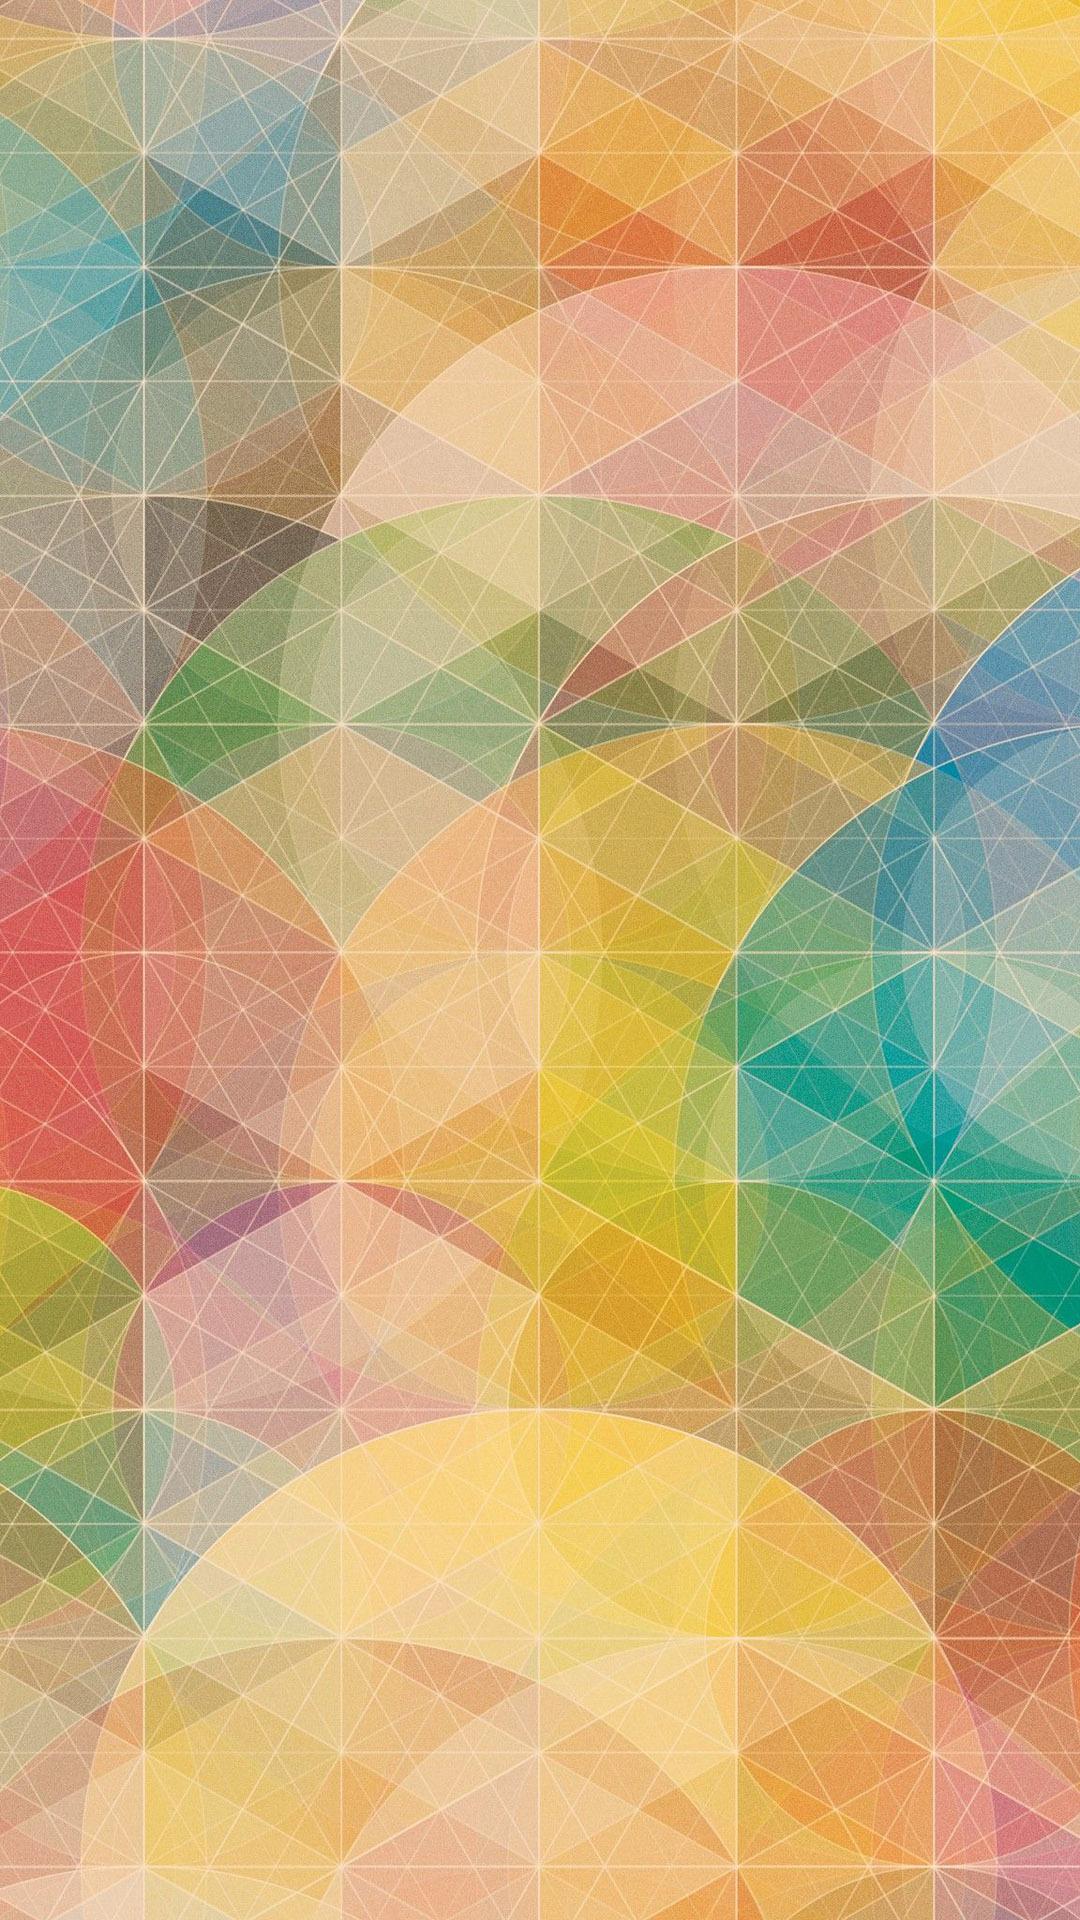 Free Colorful Geometric Wallpaper: IPhone 6 Wallpaper Packs